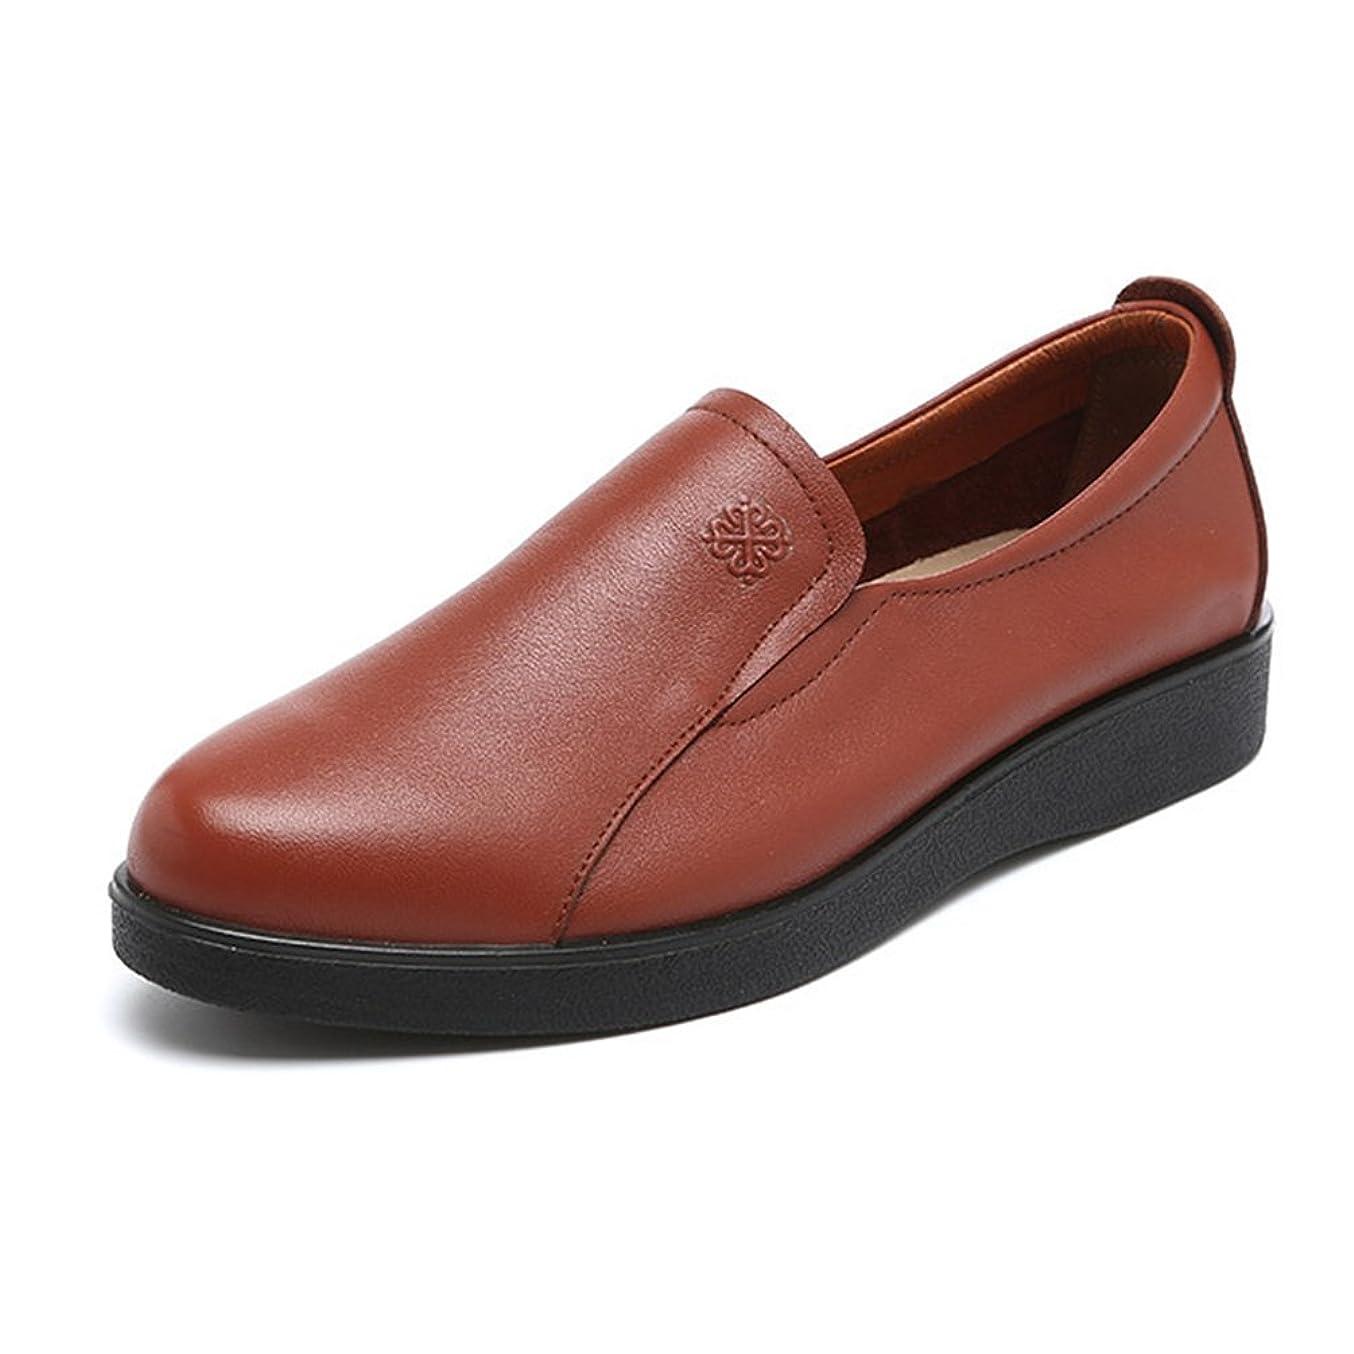 ご近所伝染性の傷跡フォーマルシューズ ウエッジソール パンプス 婦人靴 ローヒール スリッポン 柔軟性抜群 レディース 手作り 疲れにくい オフィス コンフォート 大きいサイズ 普段履き 22.5CM-25CM 防滑 レザー 母の日 女性靴 ママの靴